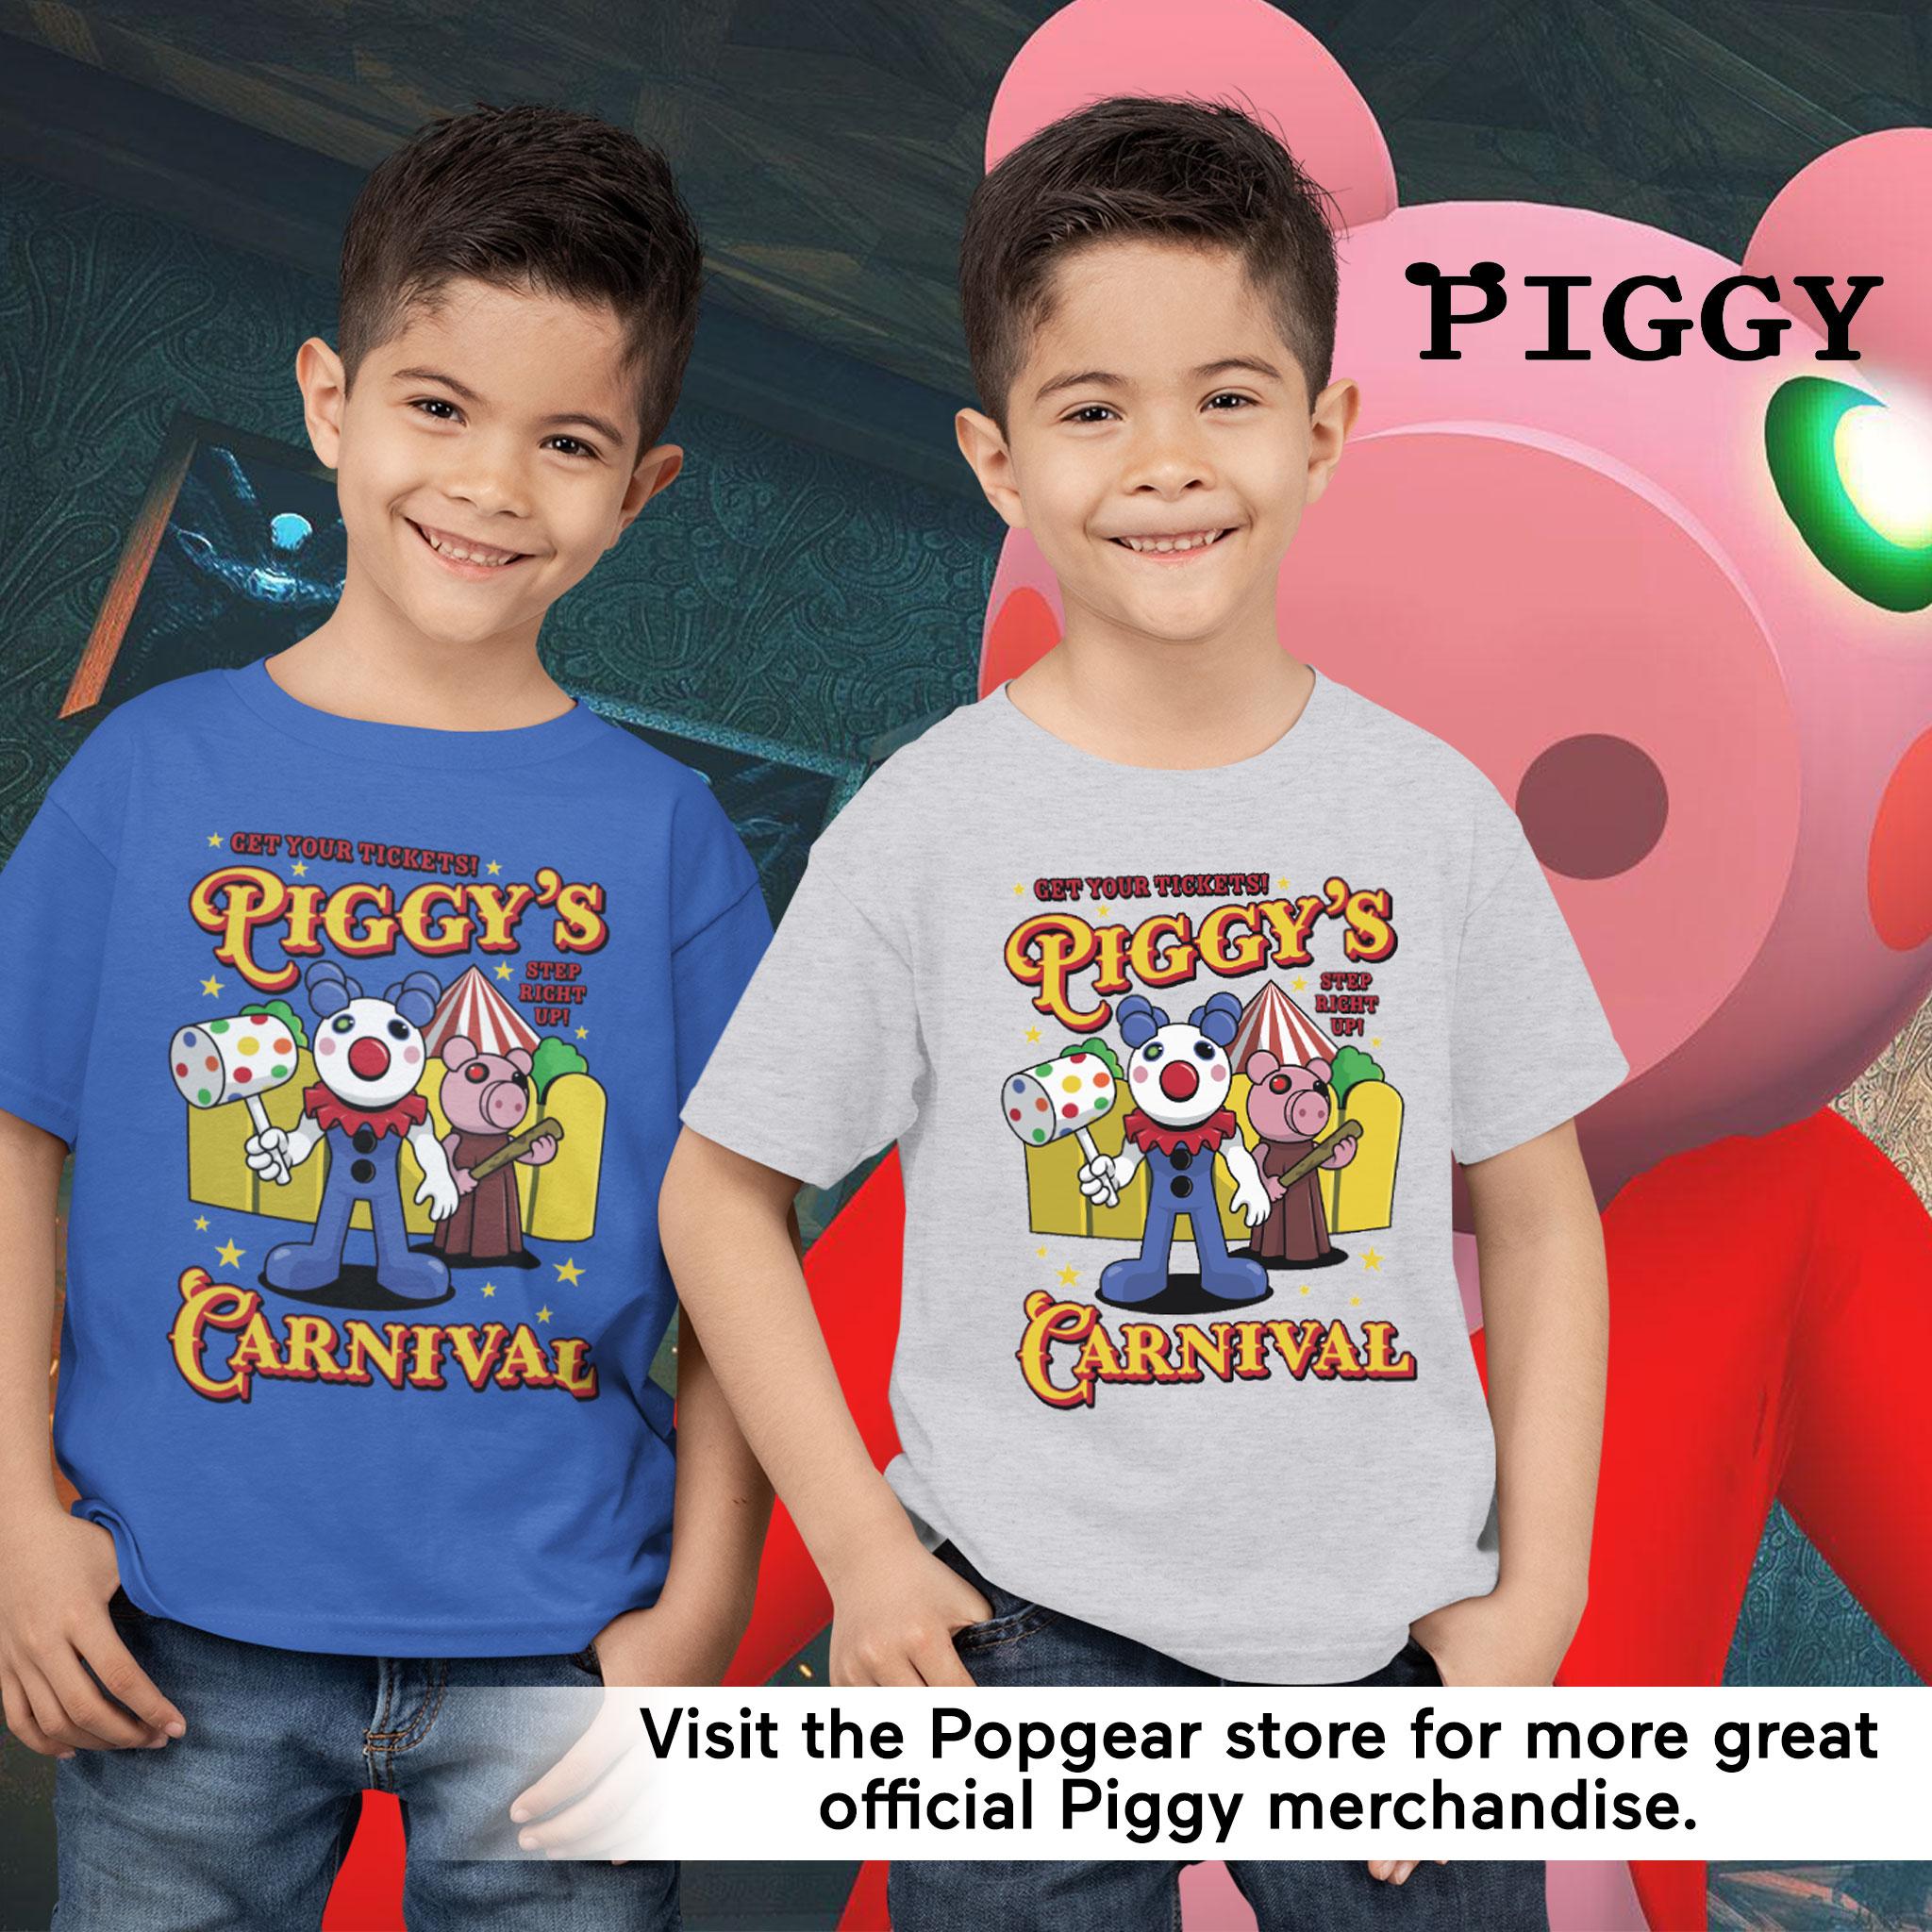 miniature 10 - Boys Piggy T Shirt Carnival Official